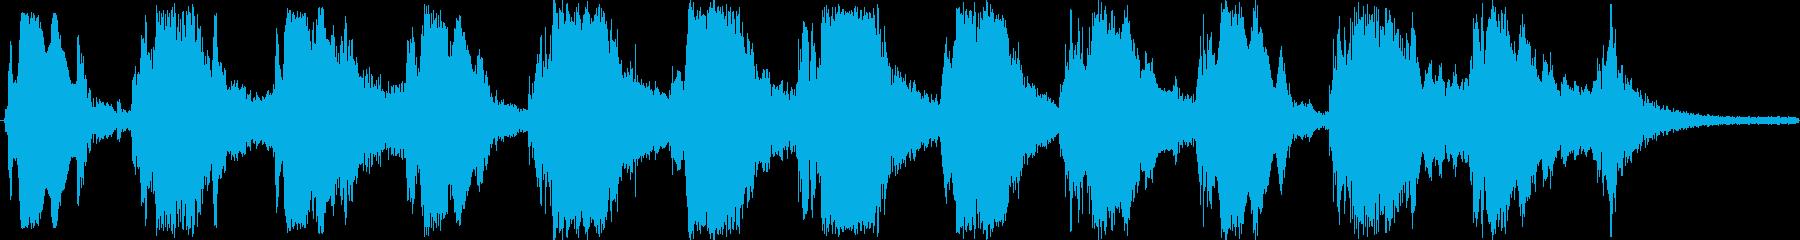 お経のようなサックスと金属音の再生済みの波形